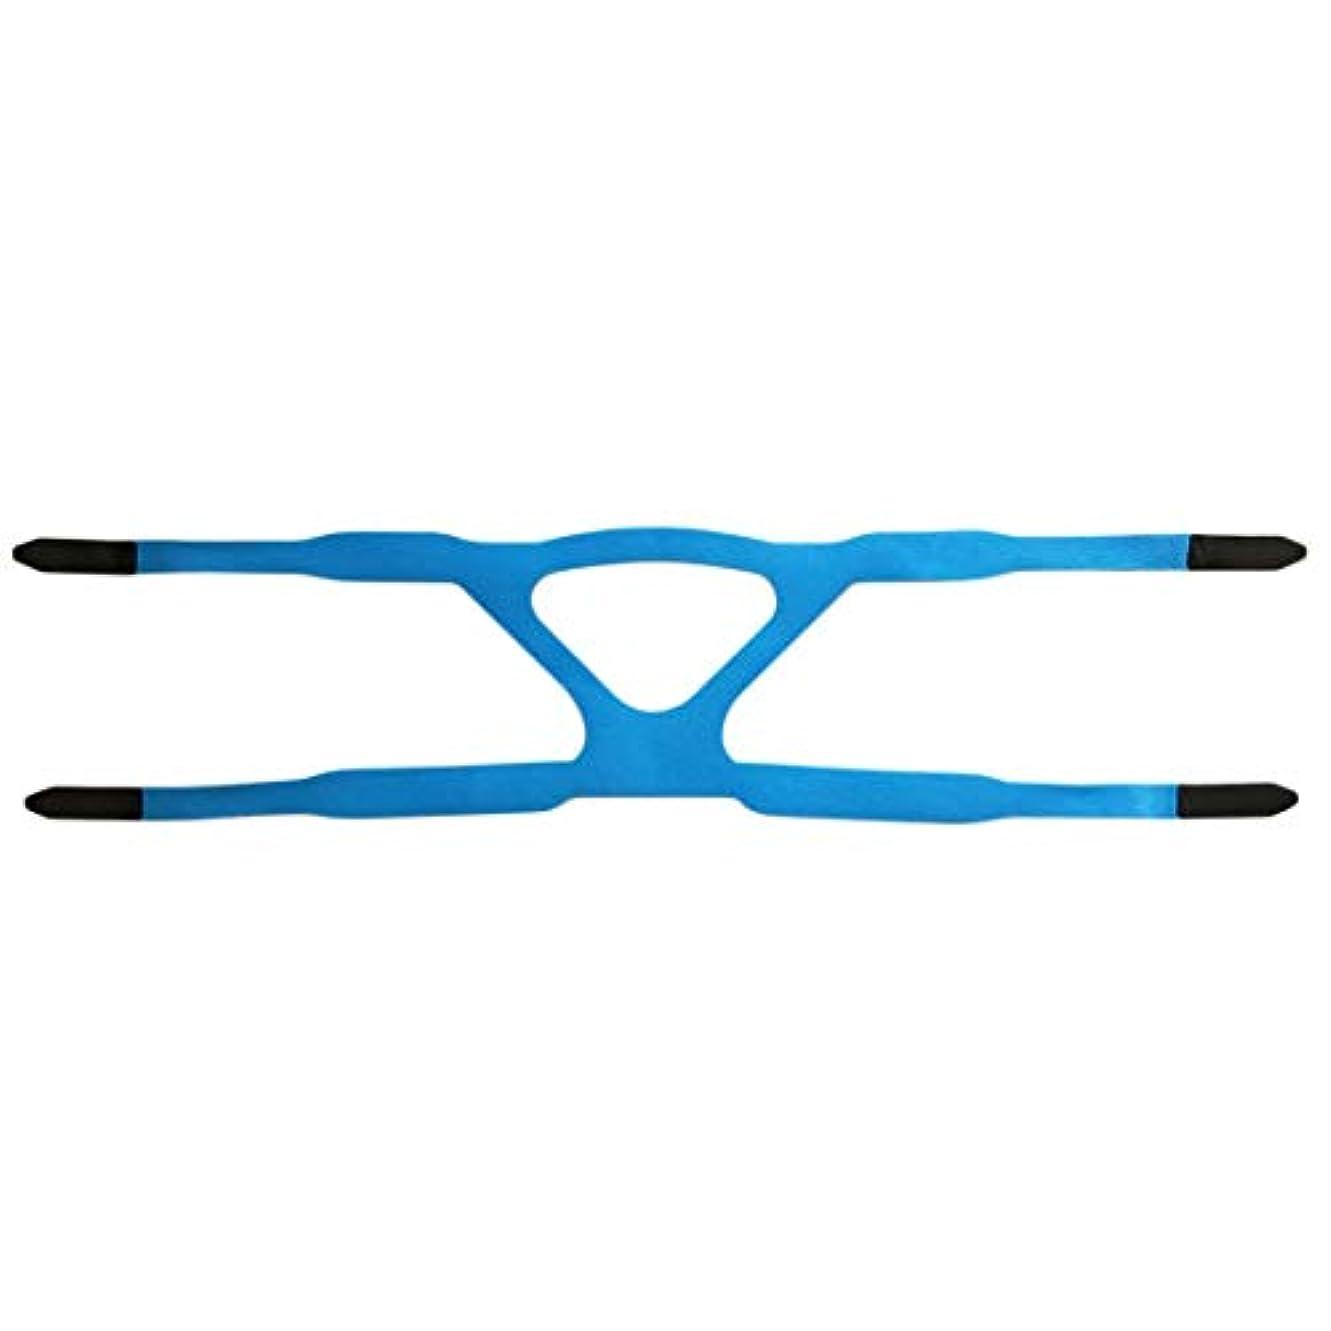 貫通工業用ストライプユニバーサルヘッドギアコンフォートジェルフルマスク安全な環境での取り替えCPAPヘッドバンドなしPHILPSに適した - ブルー&グレー